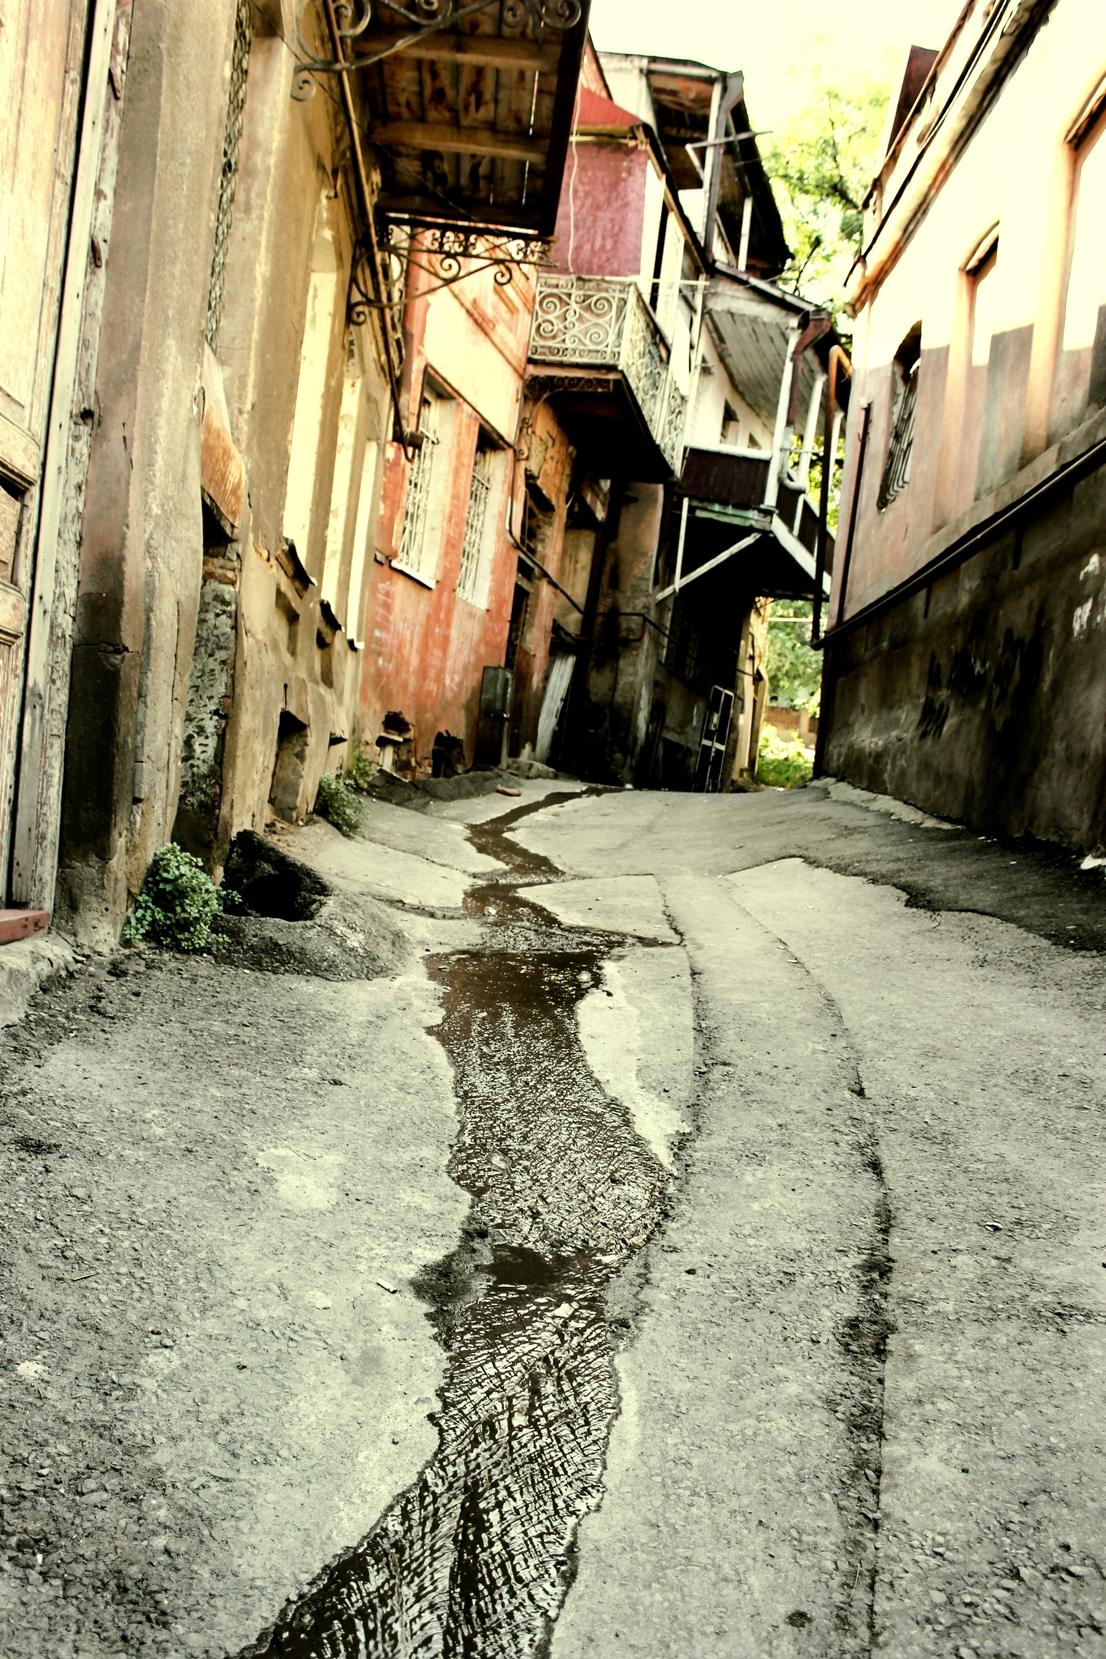 municipal water by uritis